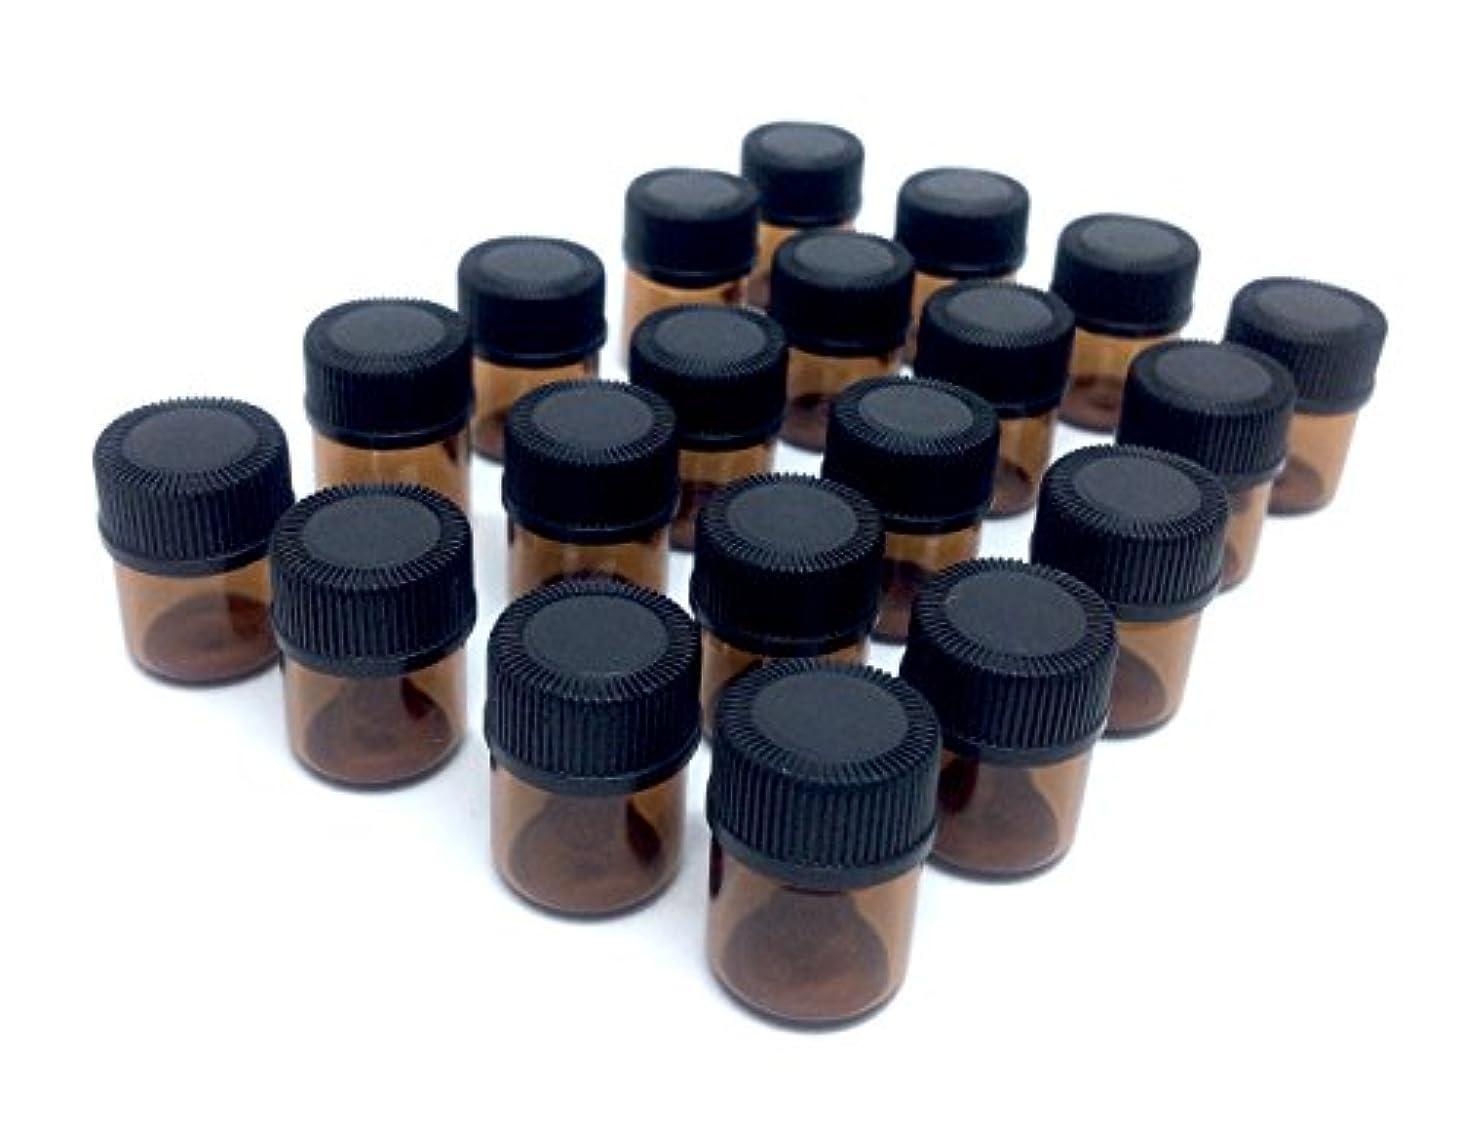 技術的な利得スワップアロマオイル 遮光瓶 精油 小分け用 ガラス製 保存容器 20本 セット (1ml)